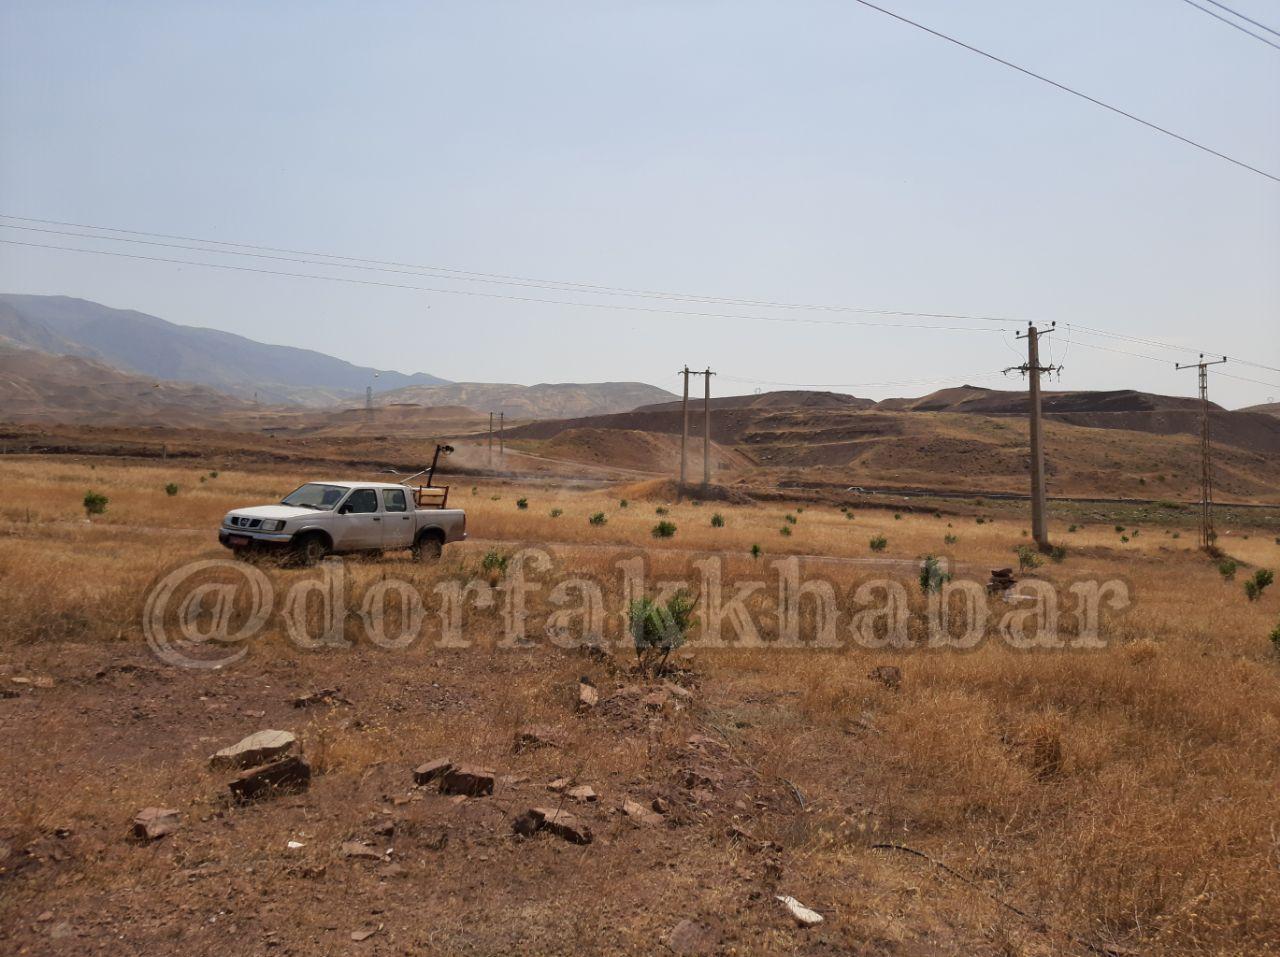 تاکنون ۱۱ هزار هکتار از زمین های شهرستان رودبار کانون یابی شد